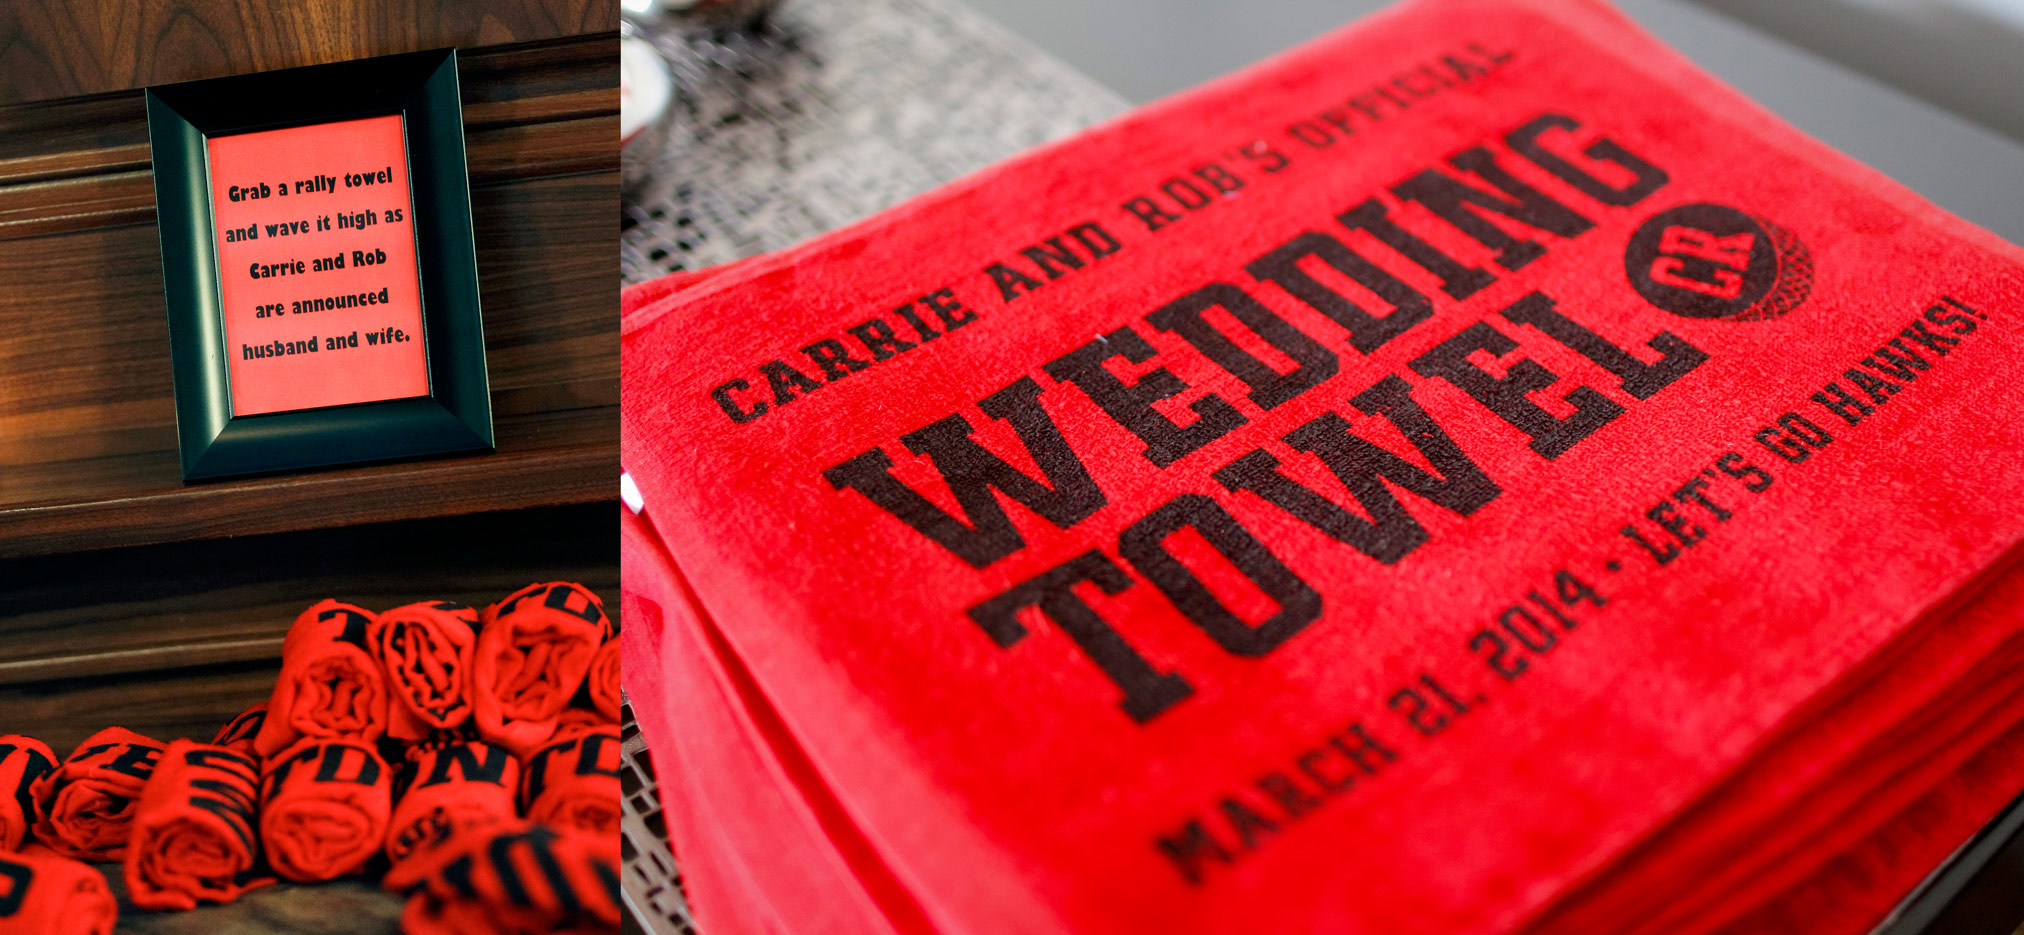 revolution-brewing-chicago-blackhawks-wedding-ruthie-hauge-photography-36.jpg